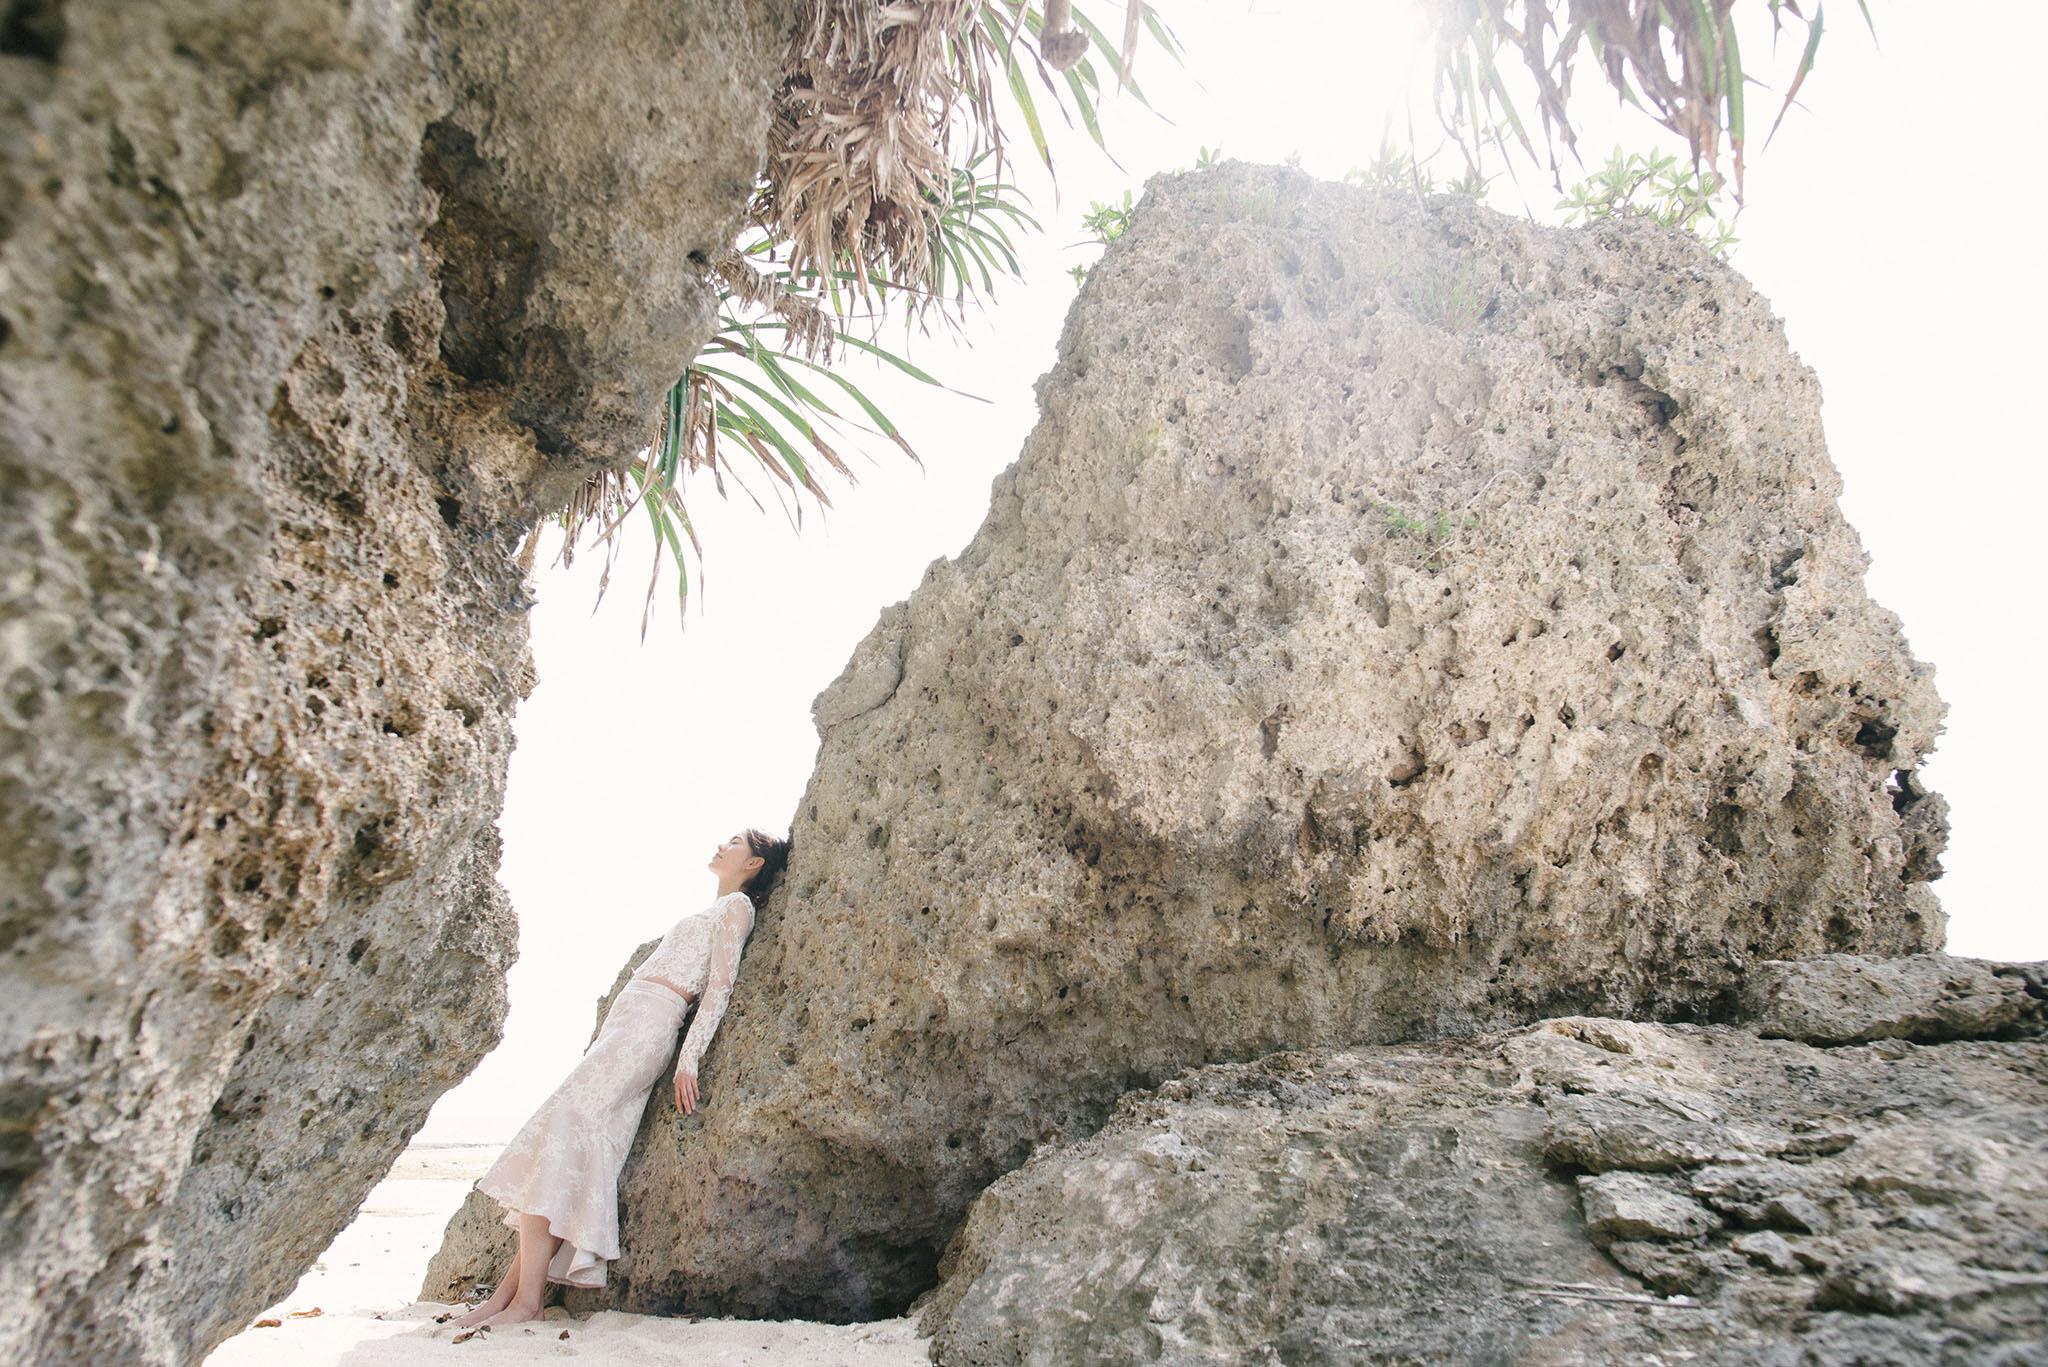 ビーチにはゴツゴツした岩がそこら中にあり、撮影の背景に困ることはない